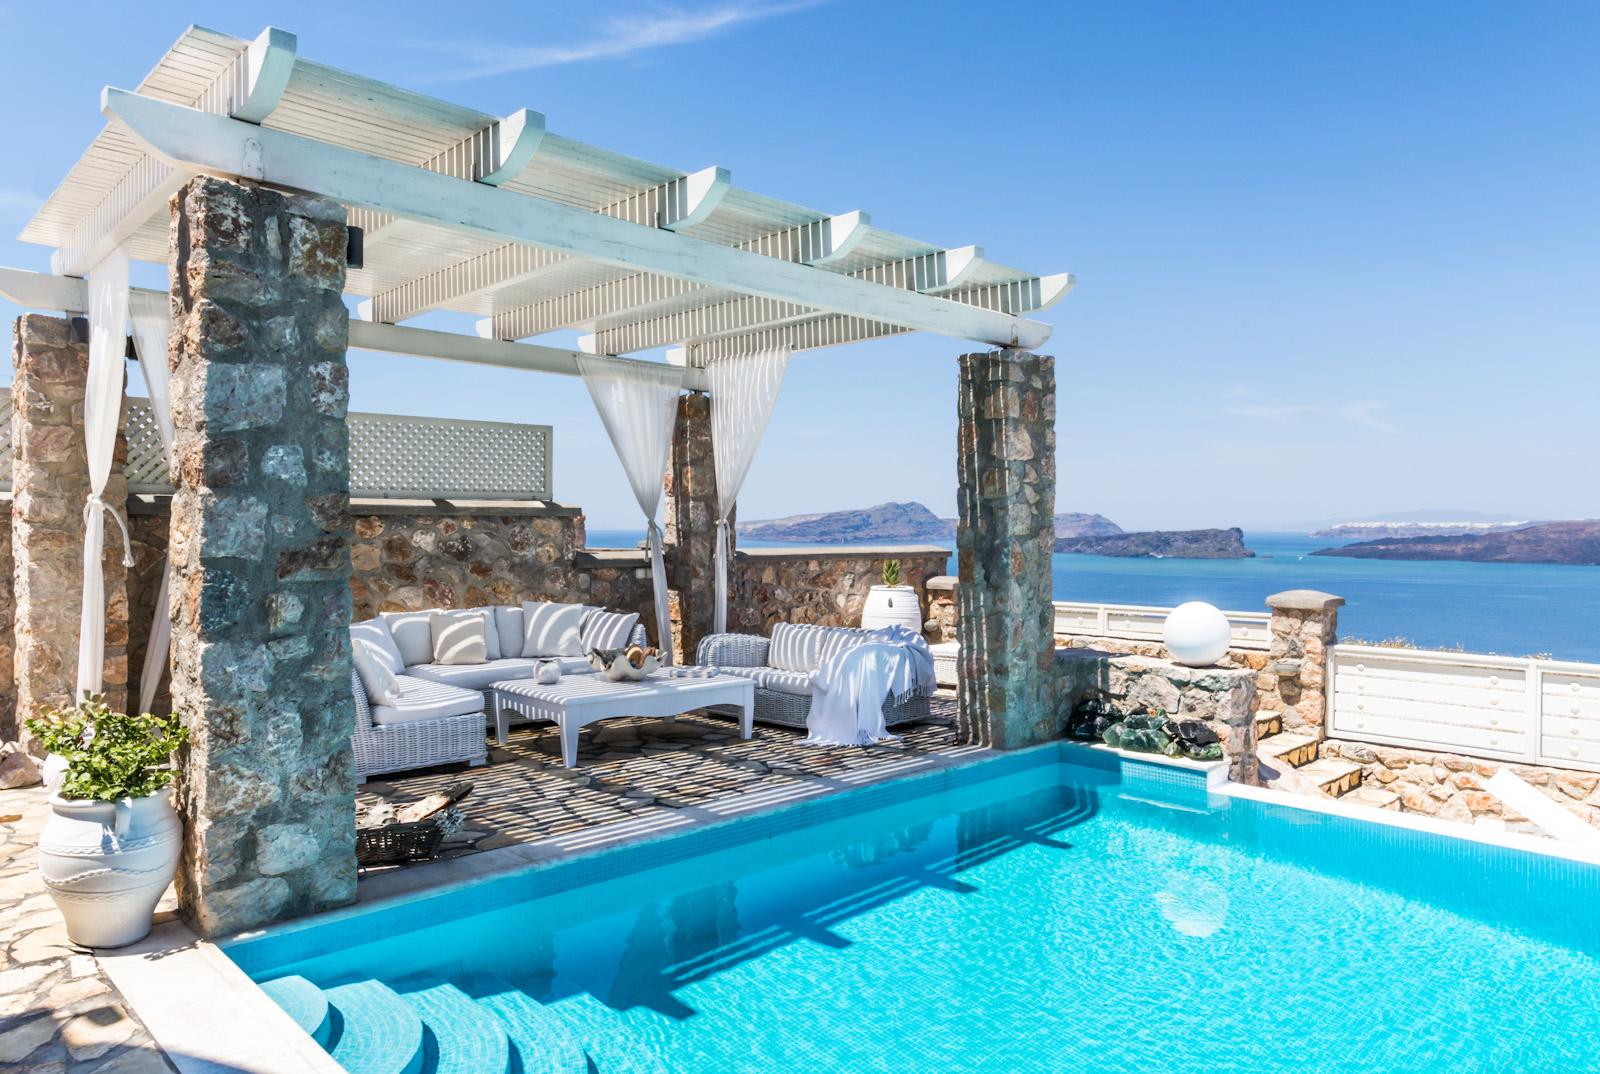 pool villas santorini